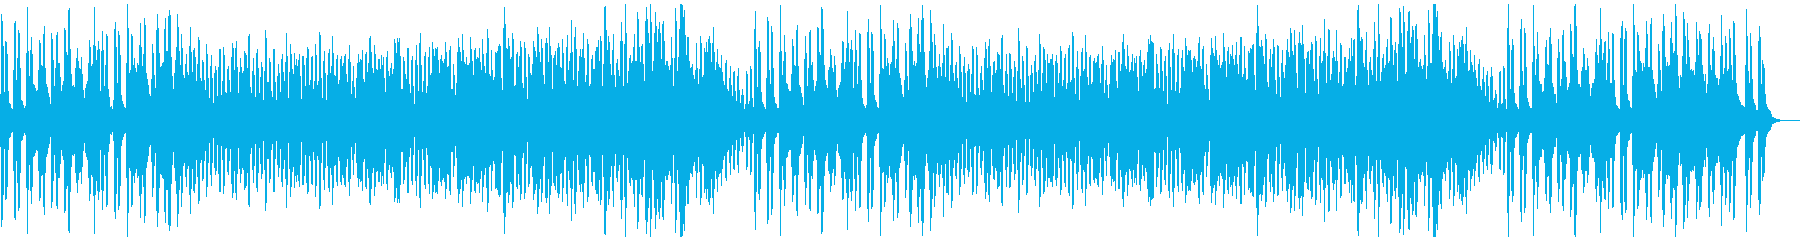 【リズム抜き】弦楽器とチェンバロのワルツの再生済みの波形